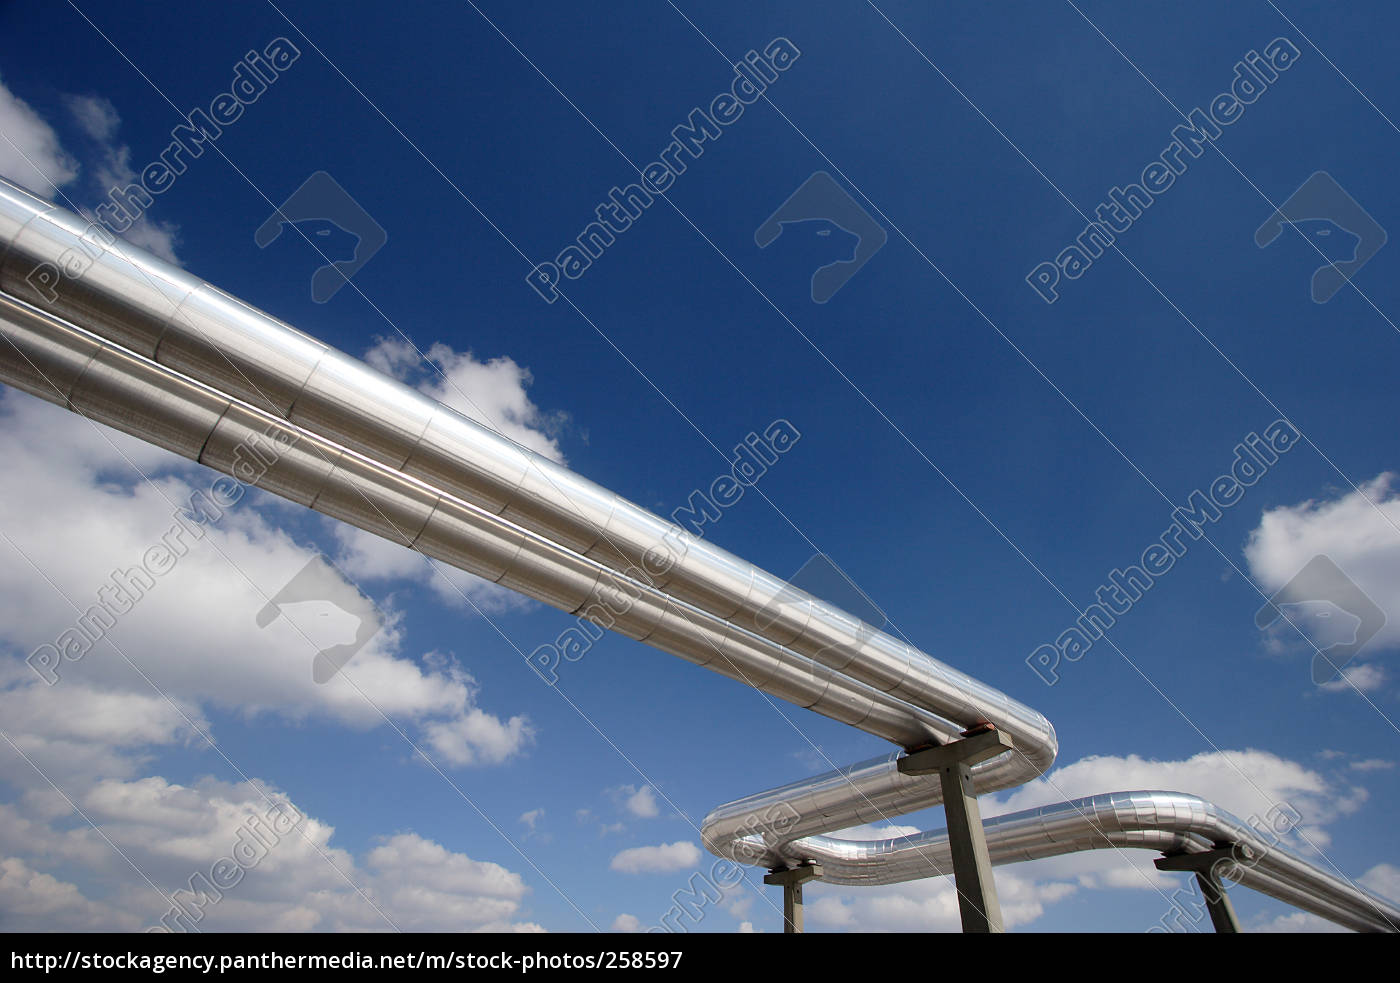 silver, pipeline - 258597